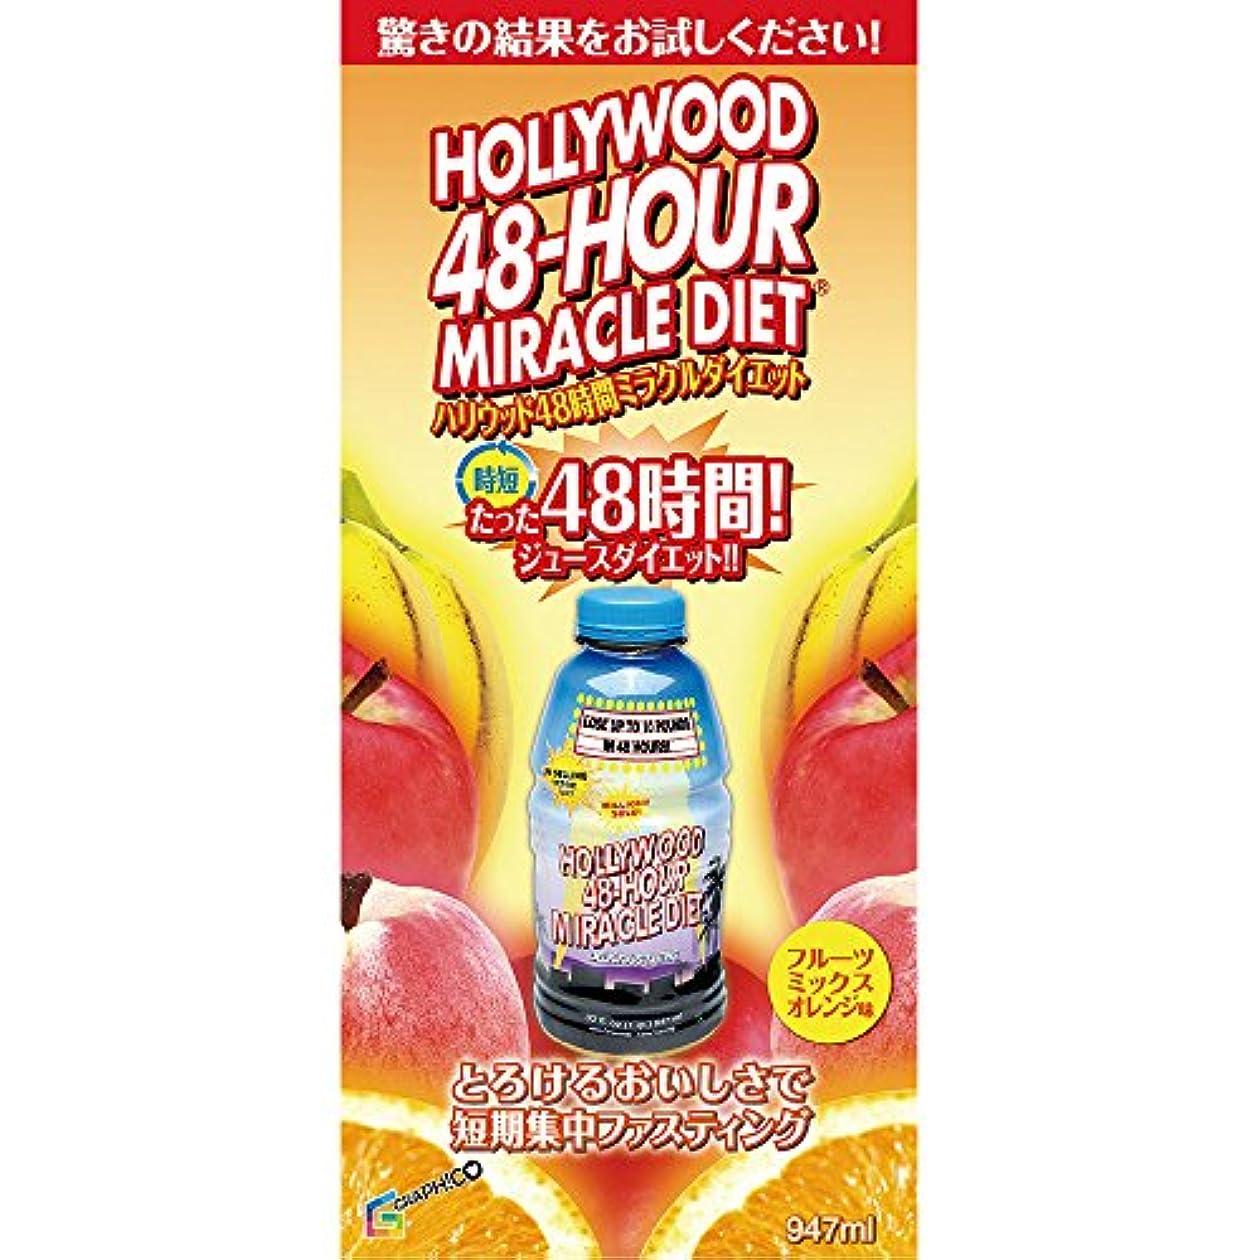 リングバックイブジョグハリウッド48時間 ミラクルダイエット (フルーツミックスオレンジ味) 947ml